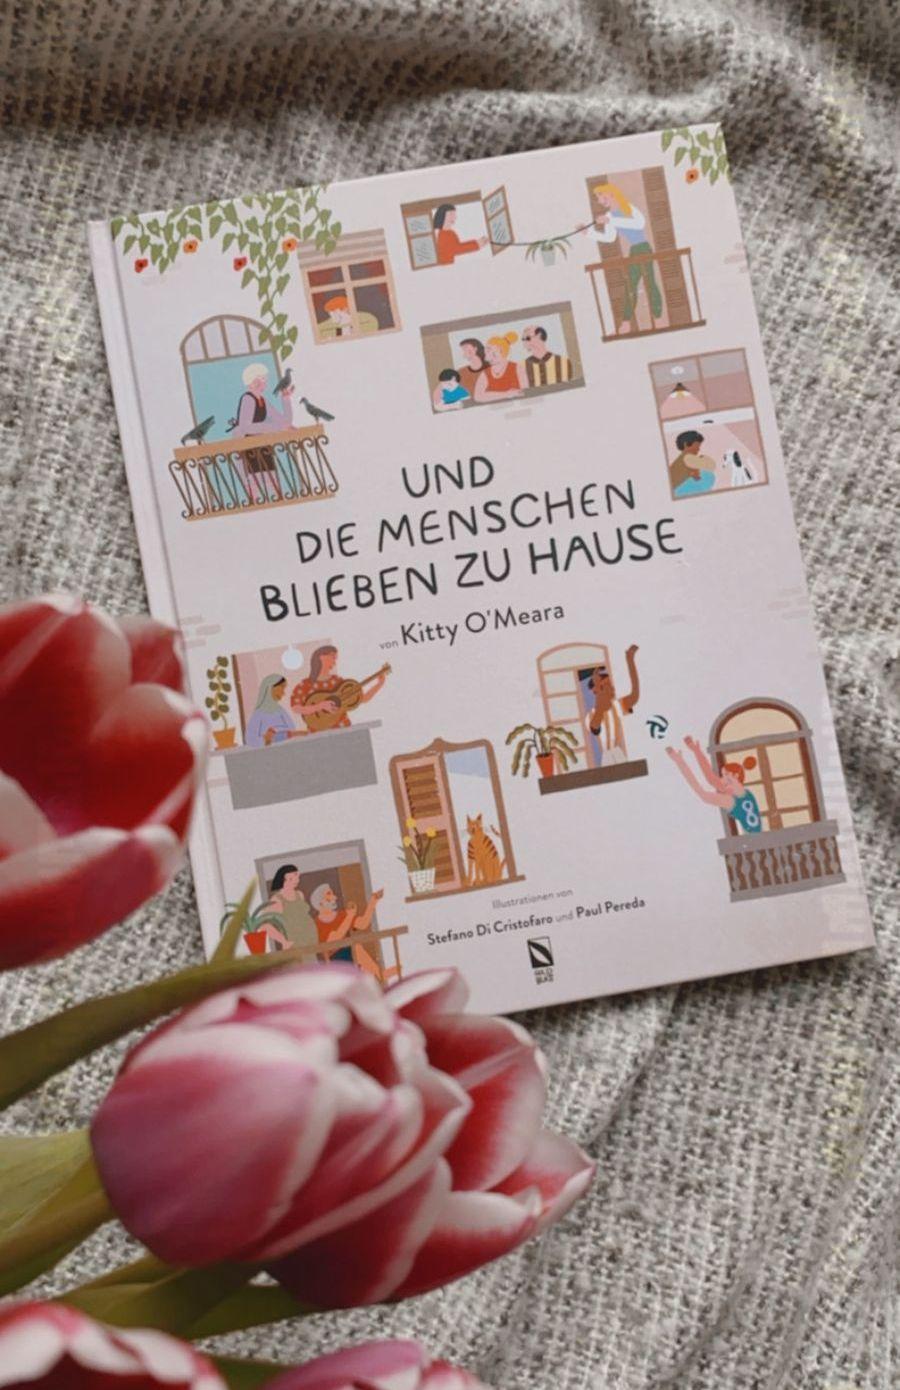 Kitty O'Meara   Und die Menschen blieben zu Hause Illustriert von Stefano Di Cristofaro und Paul Pereda 32 Seiten   17,95 Euro   ISBN 978-3-948676-03-2